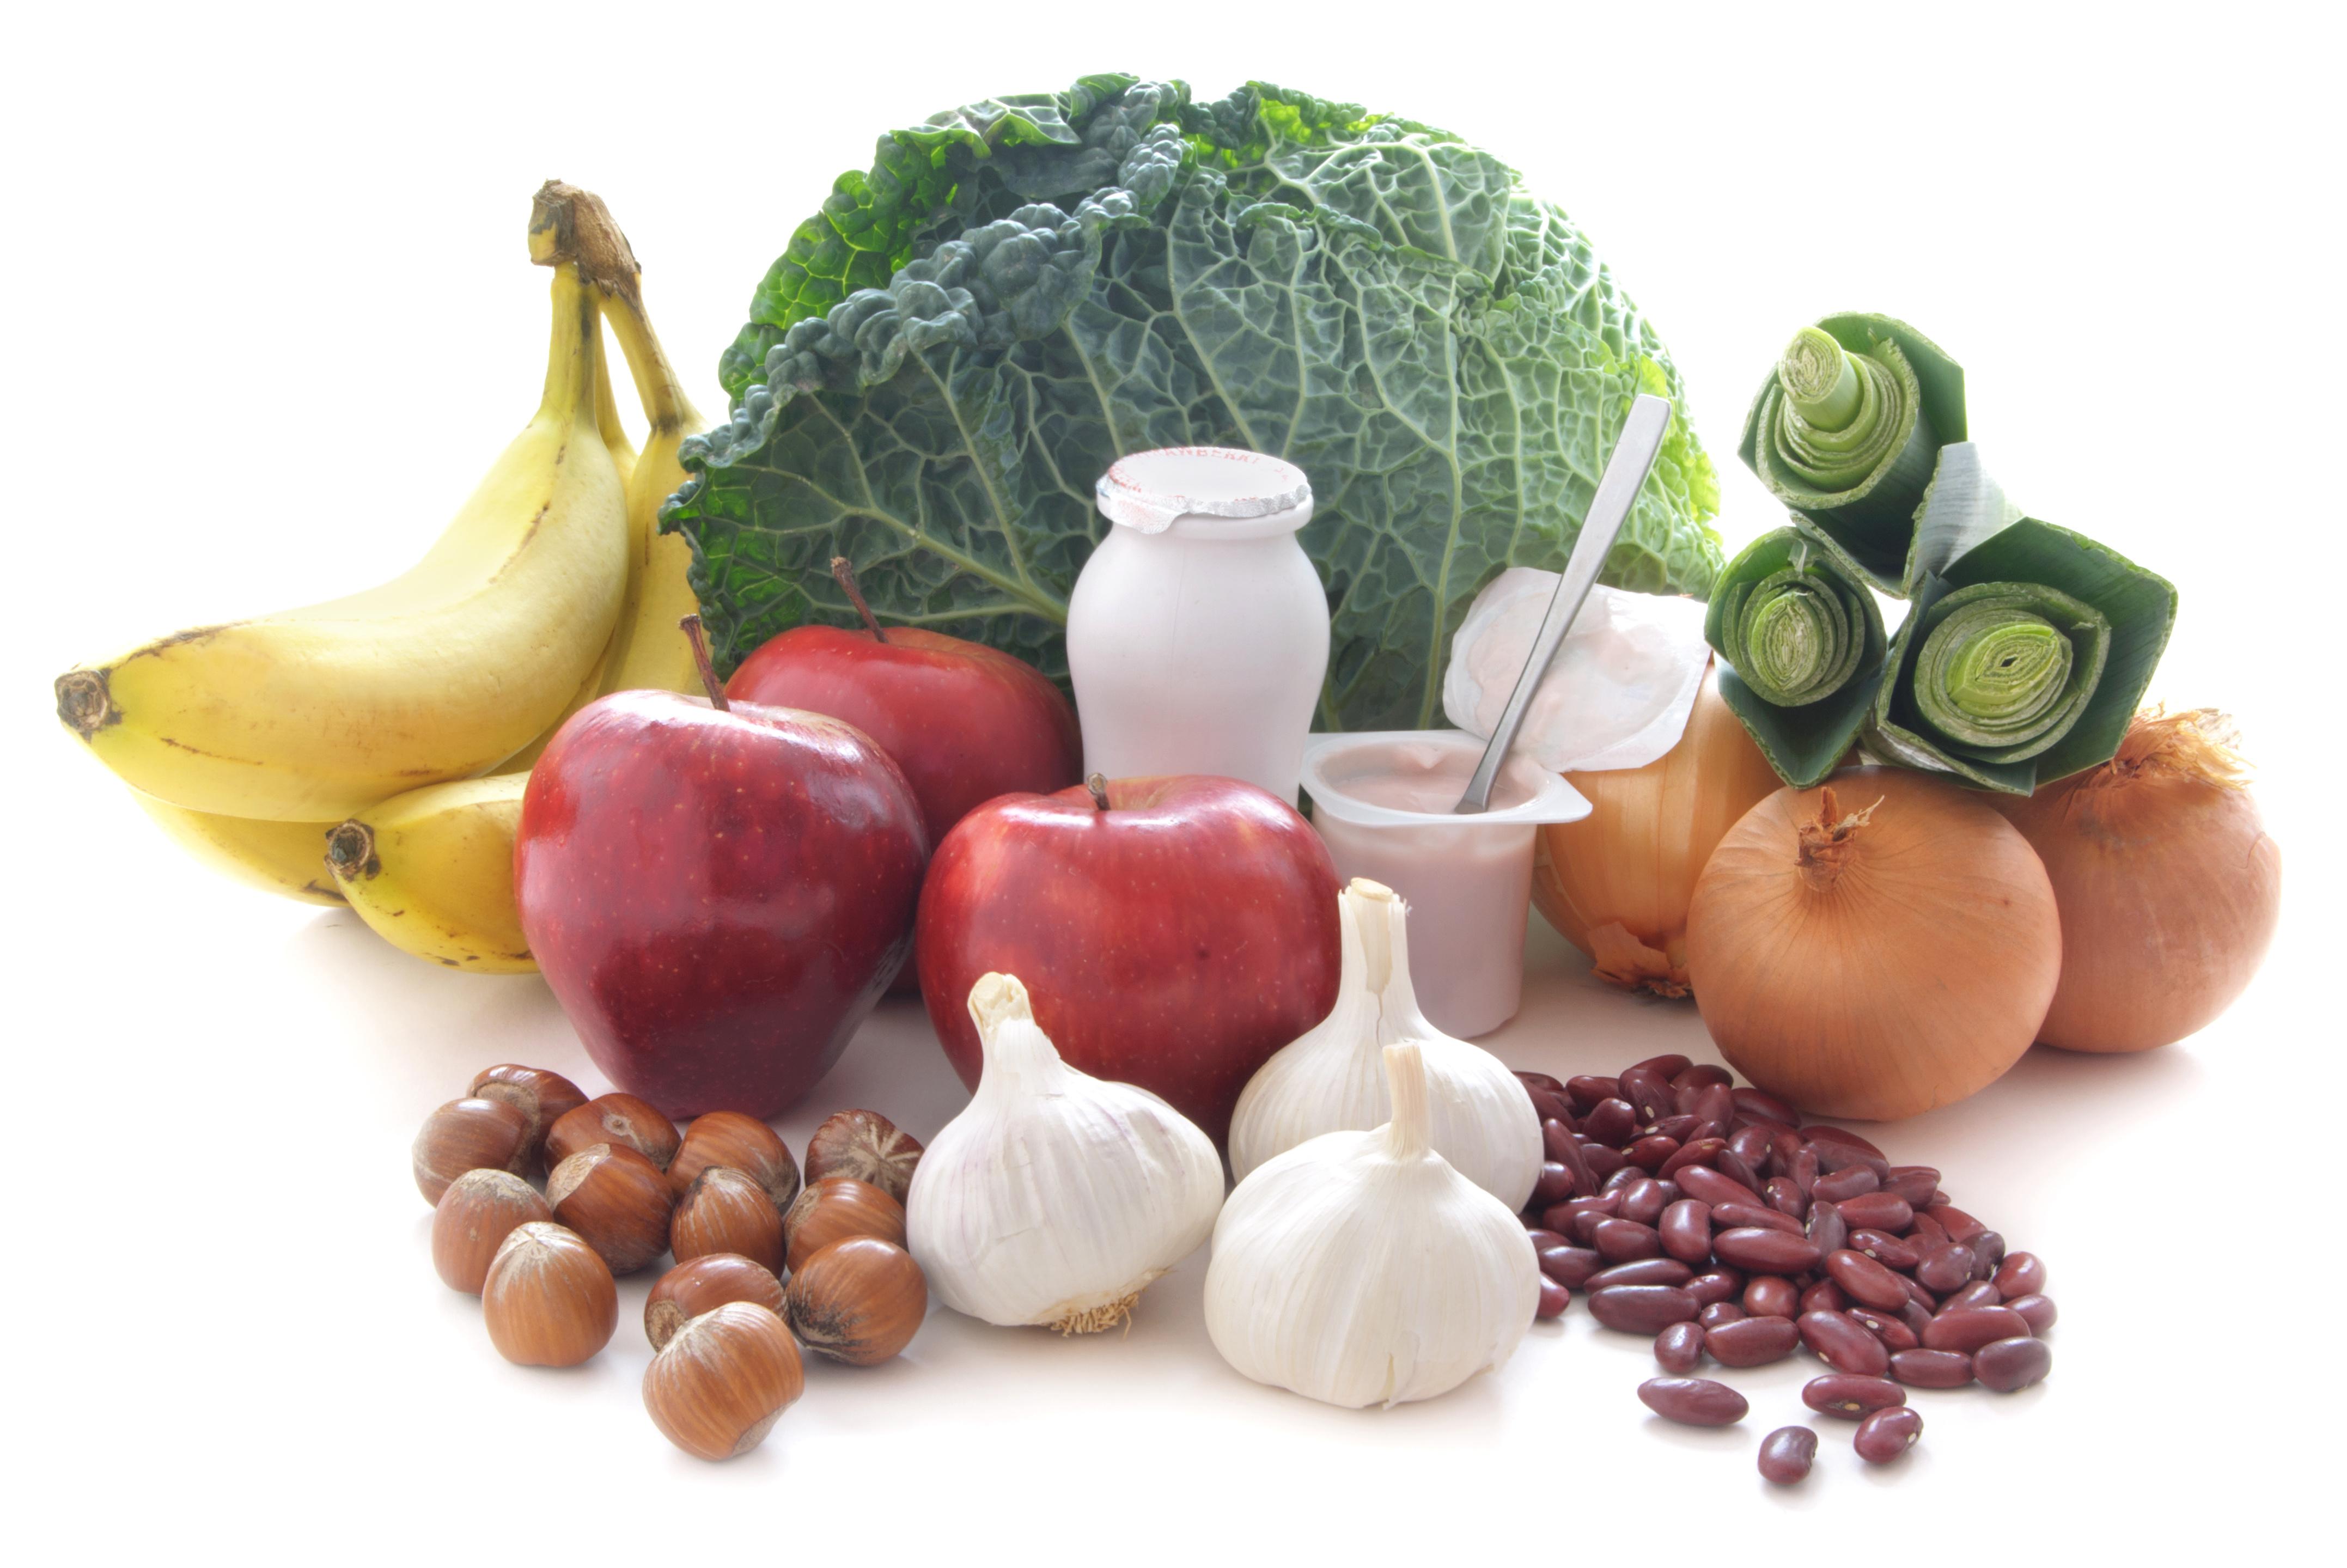 Vor der darmspiegelung essen Magen